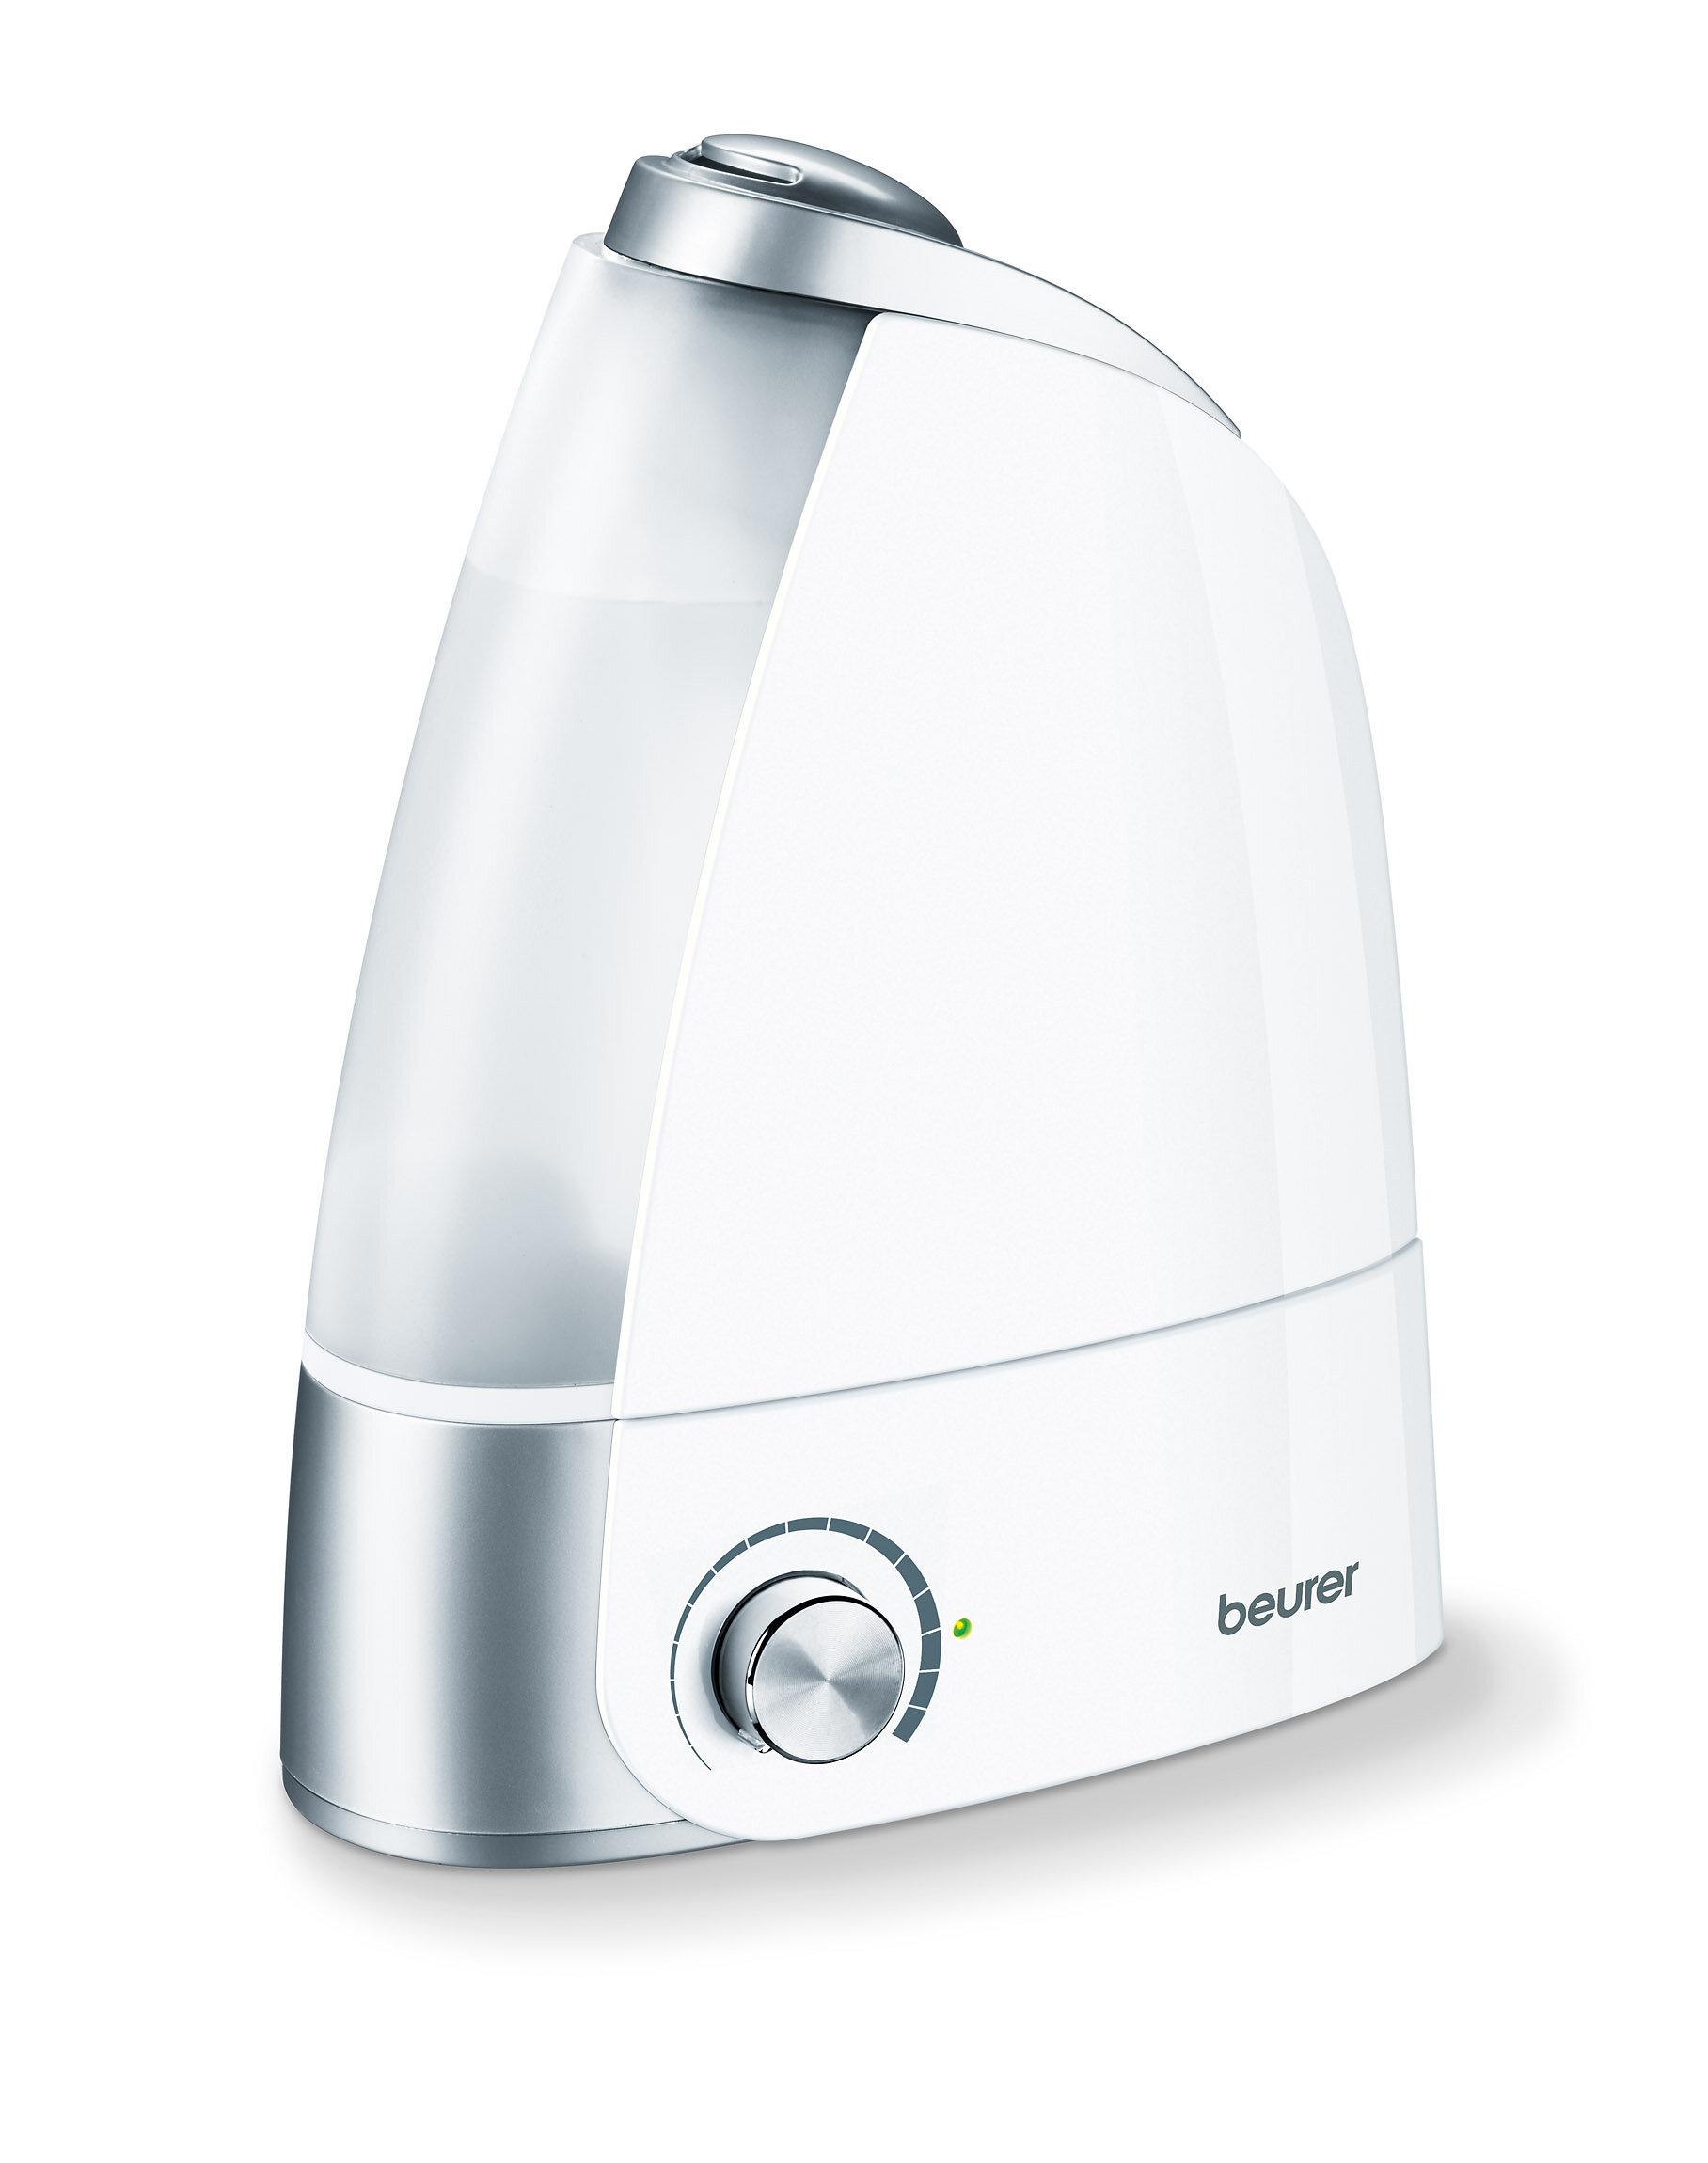 Các sản phẩm máy tạo ẩm của Beurer đều rất đẹp và chất lượng.